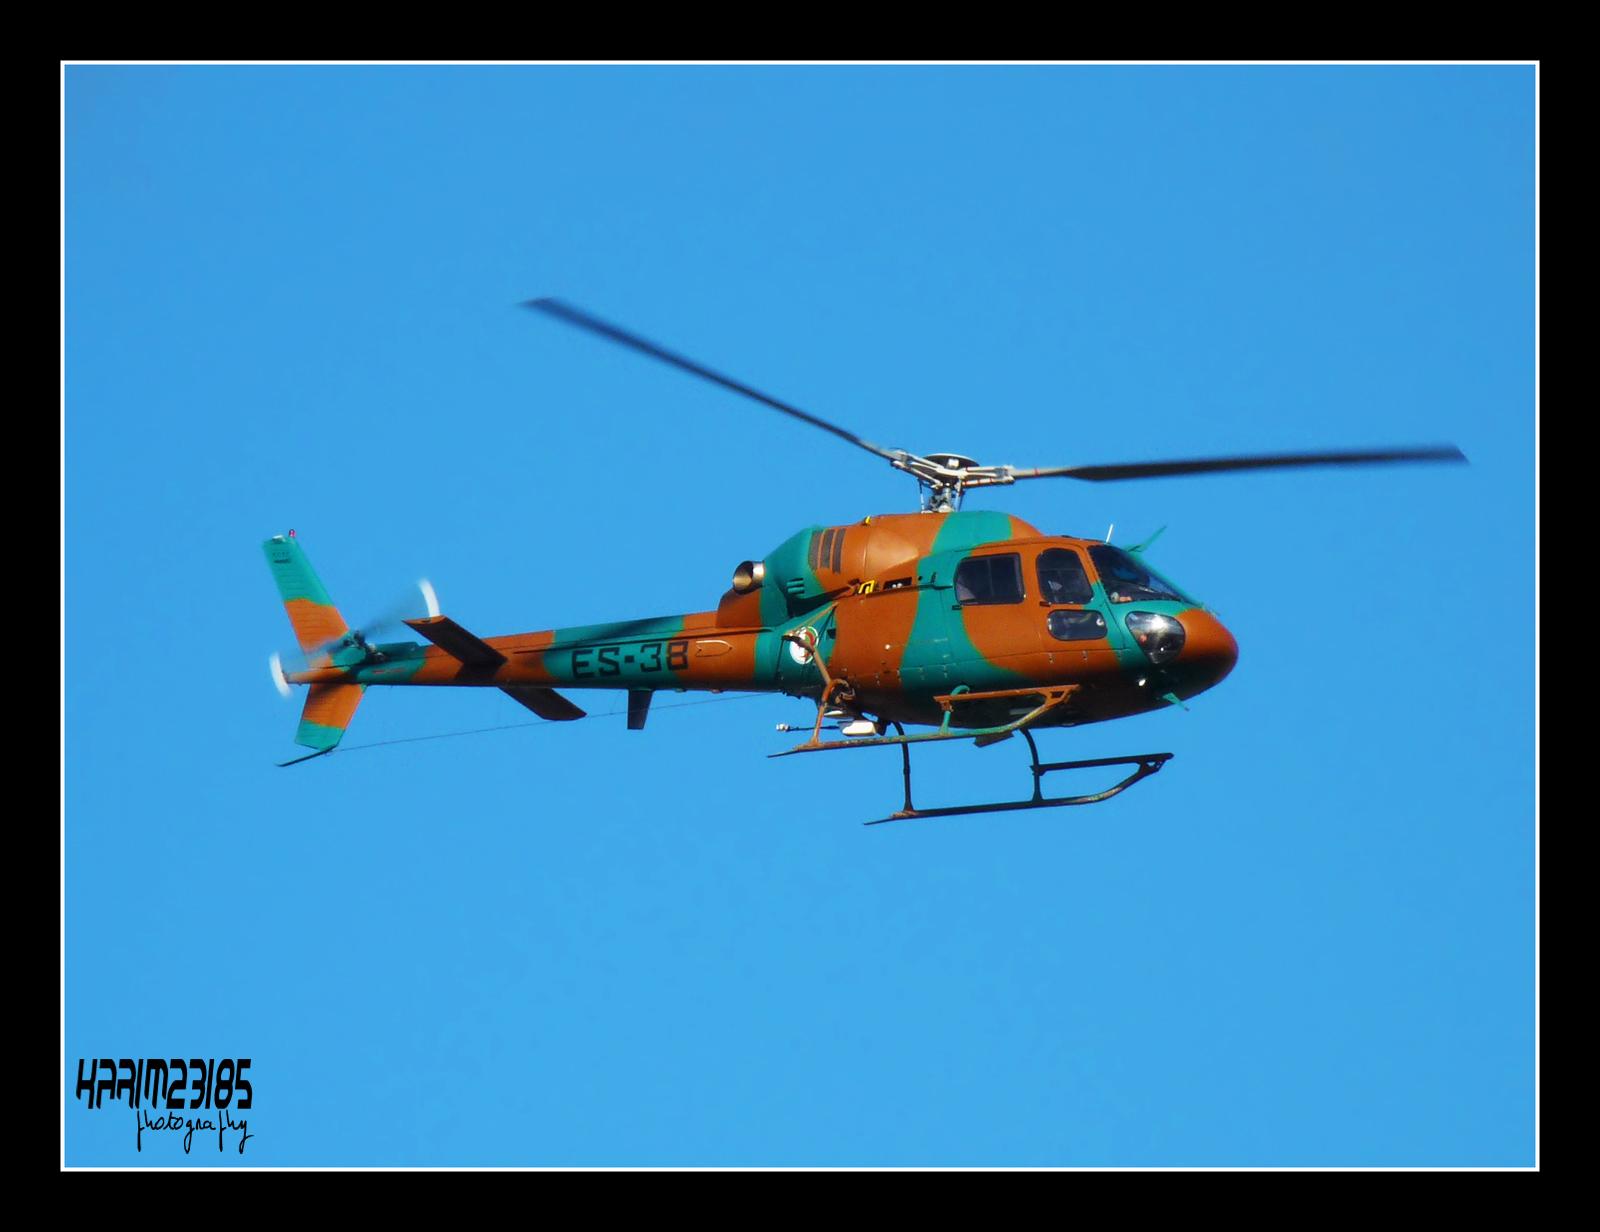 صور مروحيات القوات الجوية الجزائرية Ecureuil/Fennec ] AS-355N2 / AS-555N ] - صفحة 5 27390341715_65aa9eac82_o